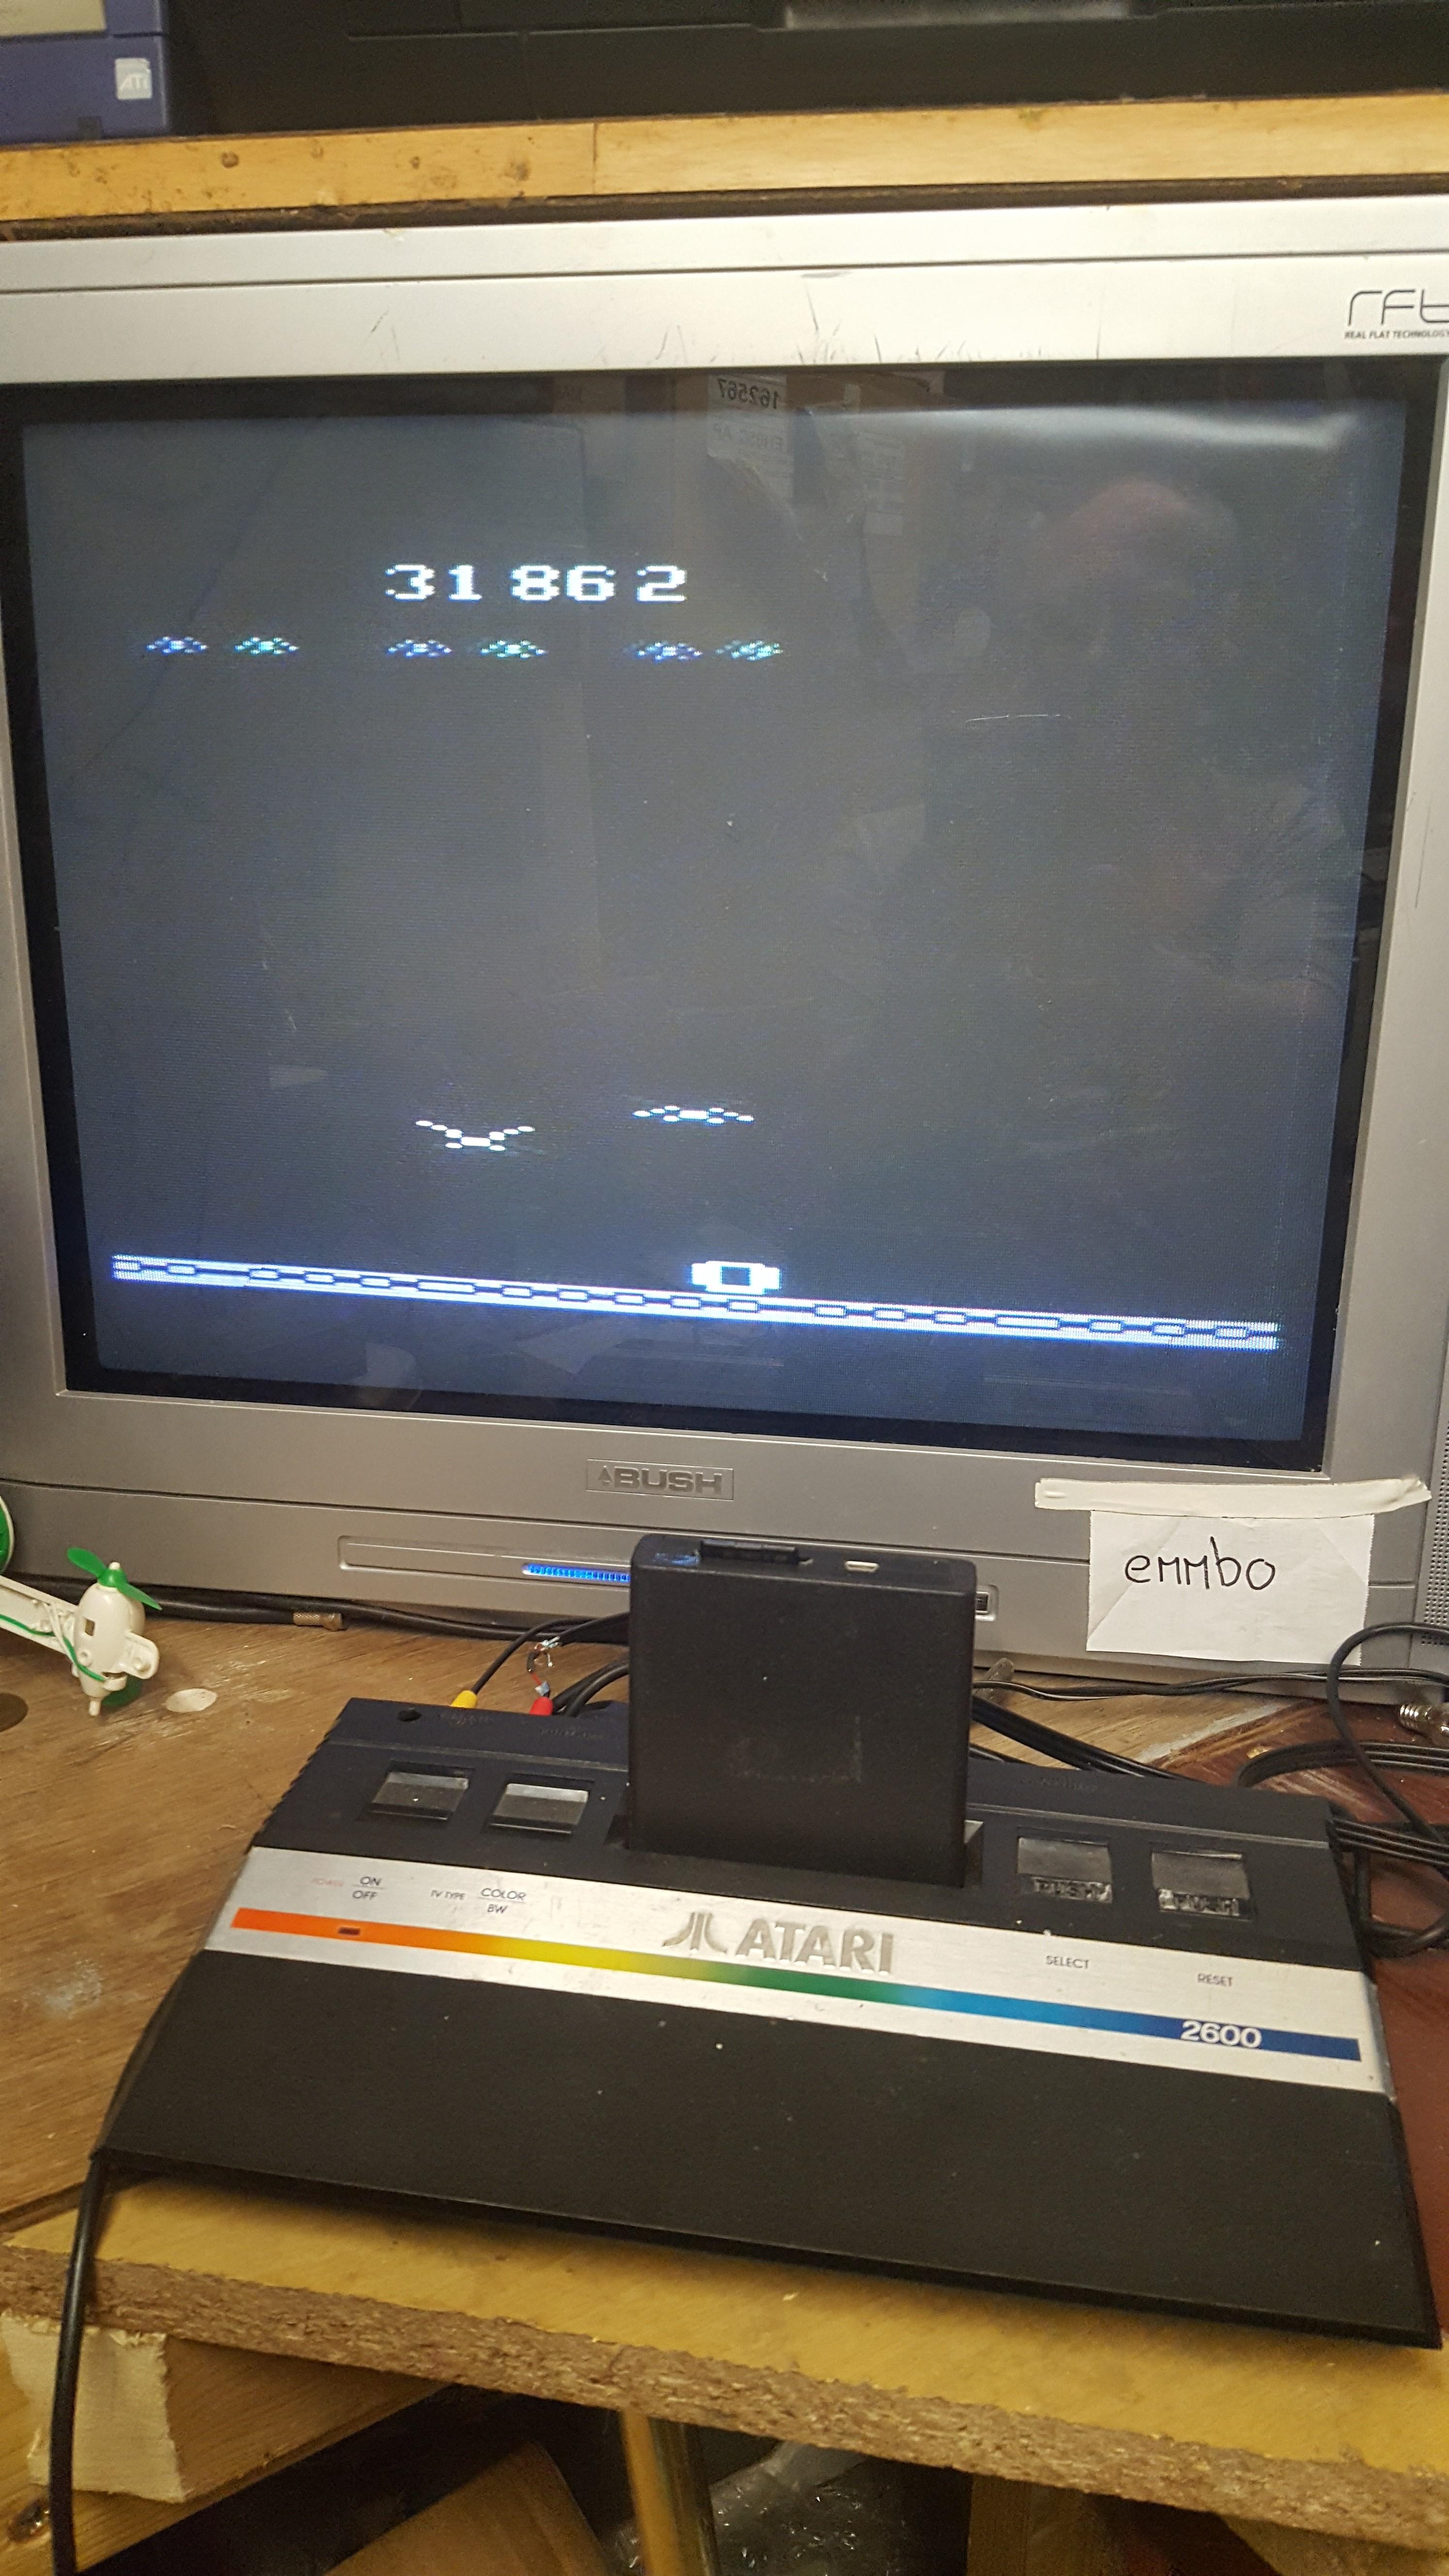 emmbo: Vulture Attack / Condor Attack (Atari 2600 Novice/B) 31,862 points on 2017-05-09 05:54:35